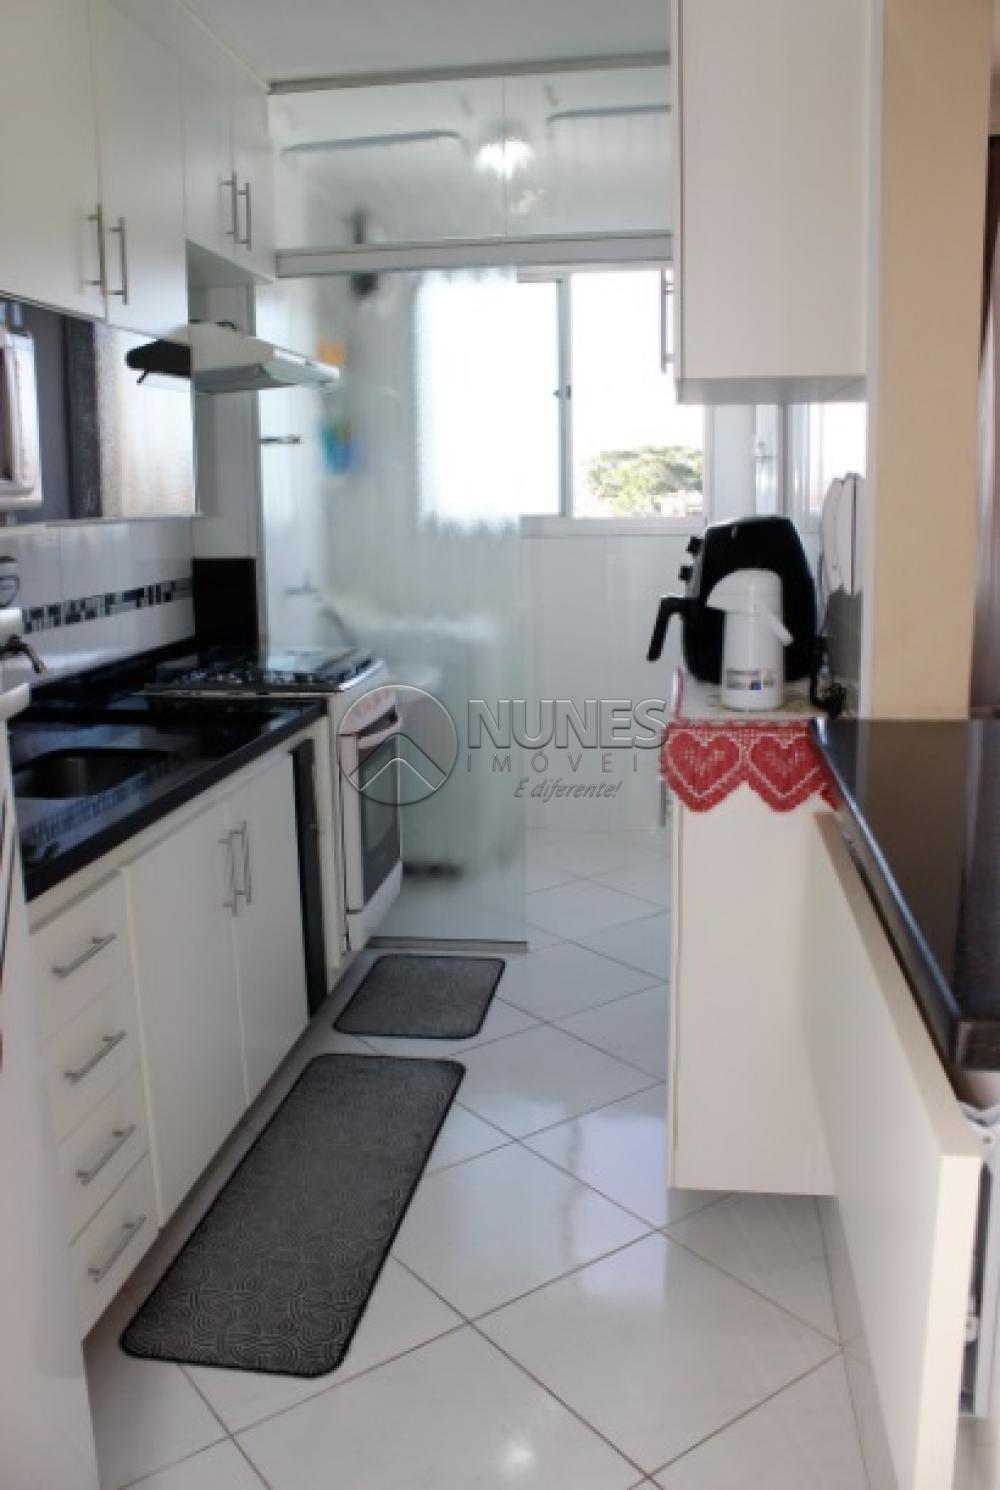 Comprar Apartamento / Padrão em Osasco apenas R$ 224.000,00 - Foto 5